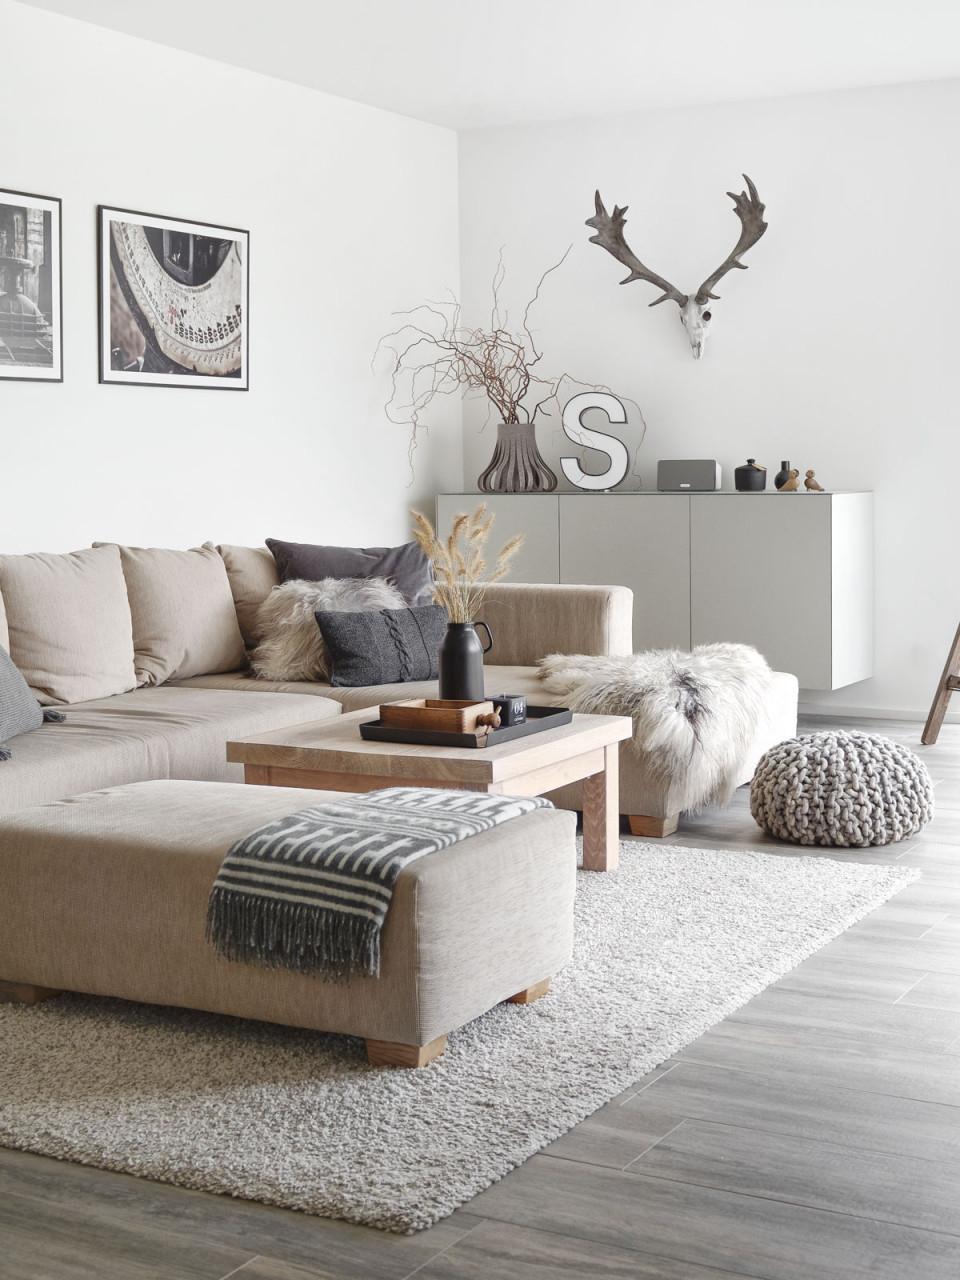 Dekoration  Wandschrank Im Wohnzimmer  Mxliving von Wohnzimmer Dekorieren Bilder Photo